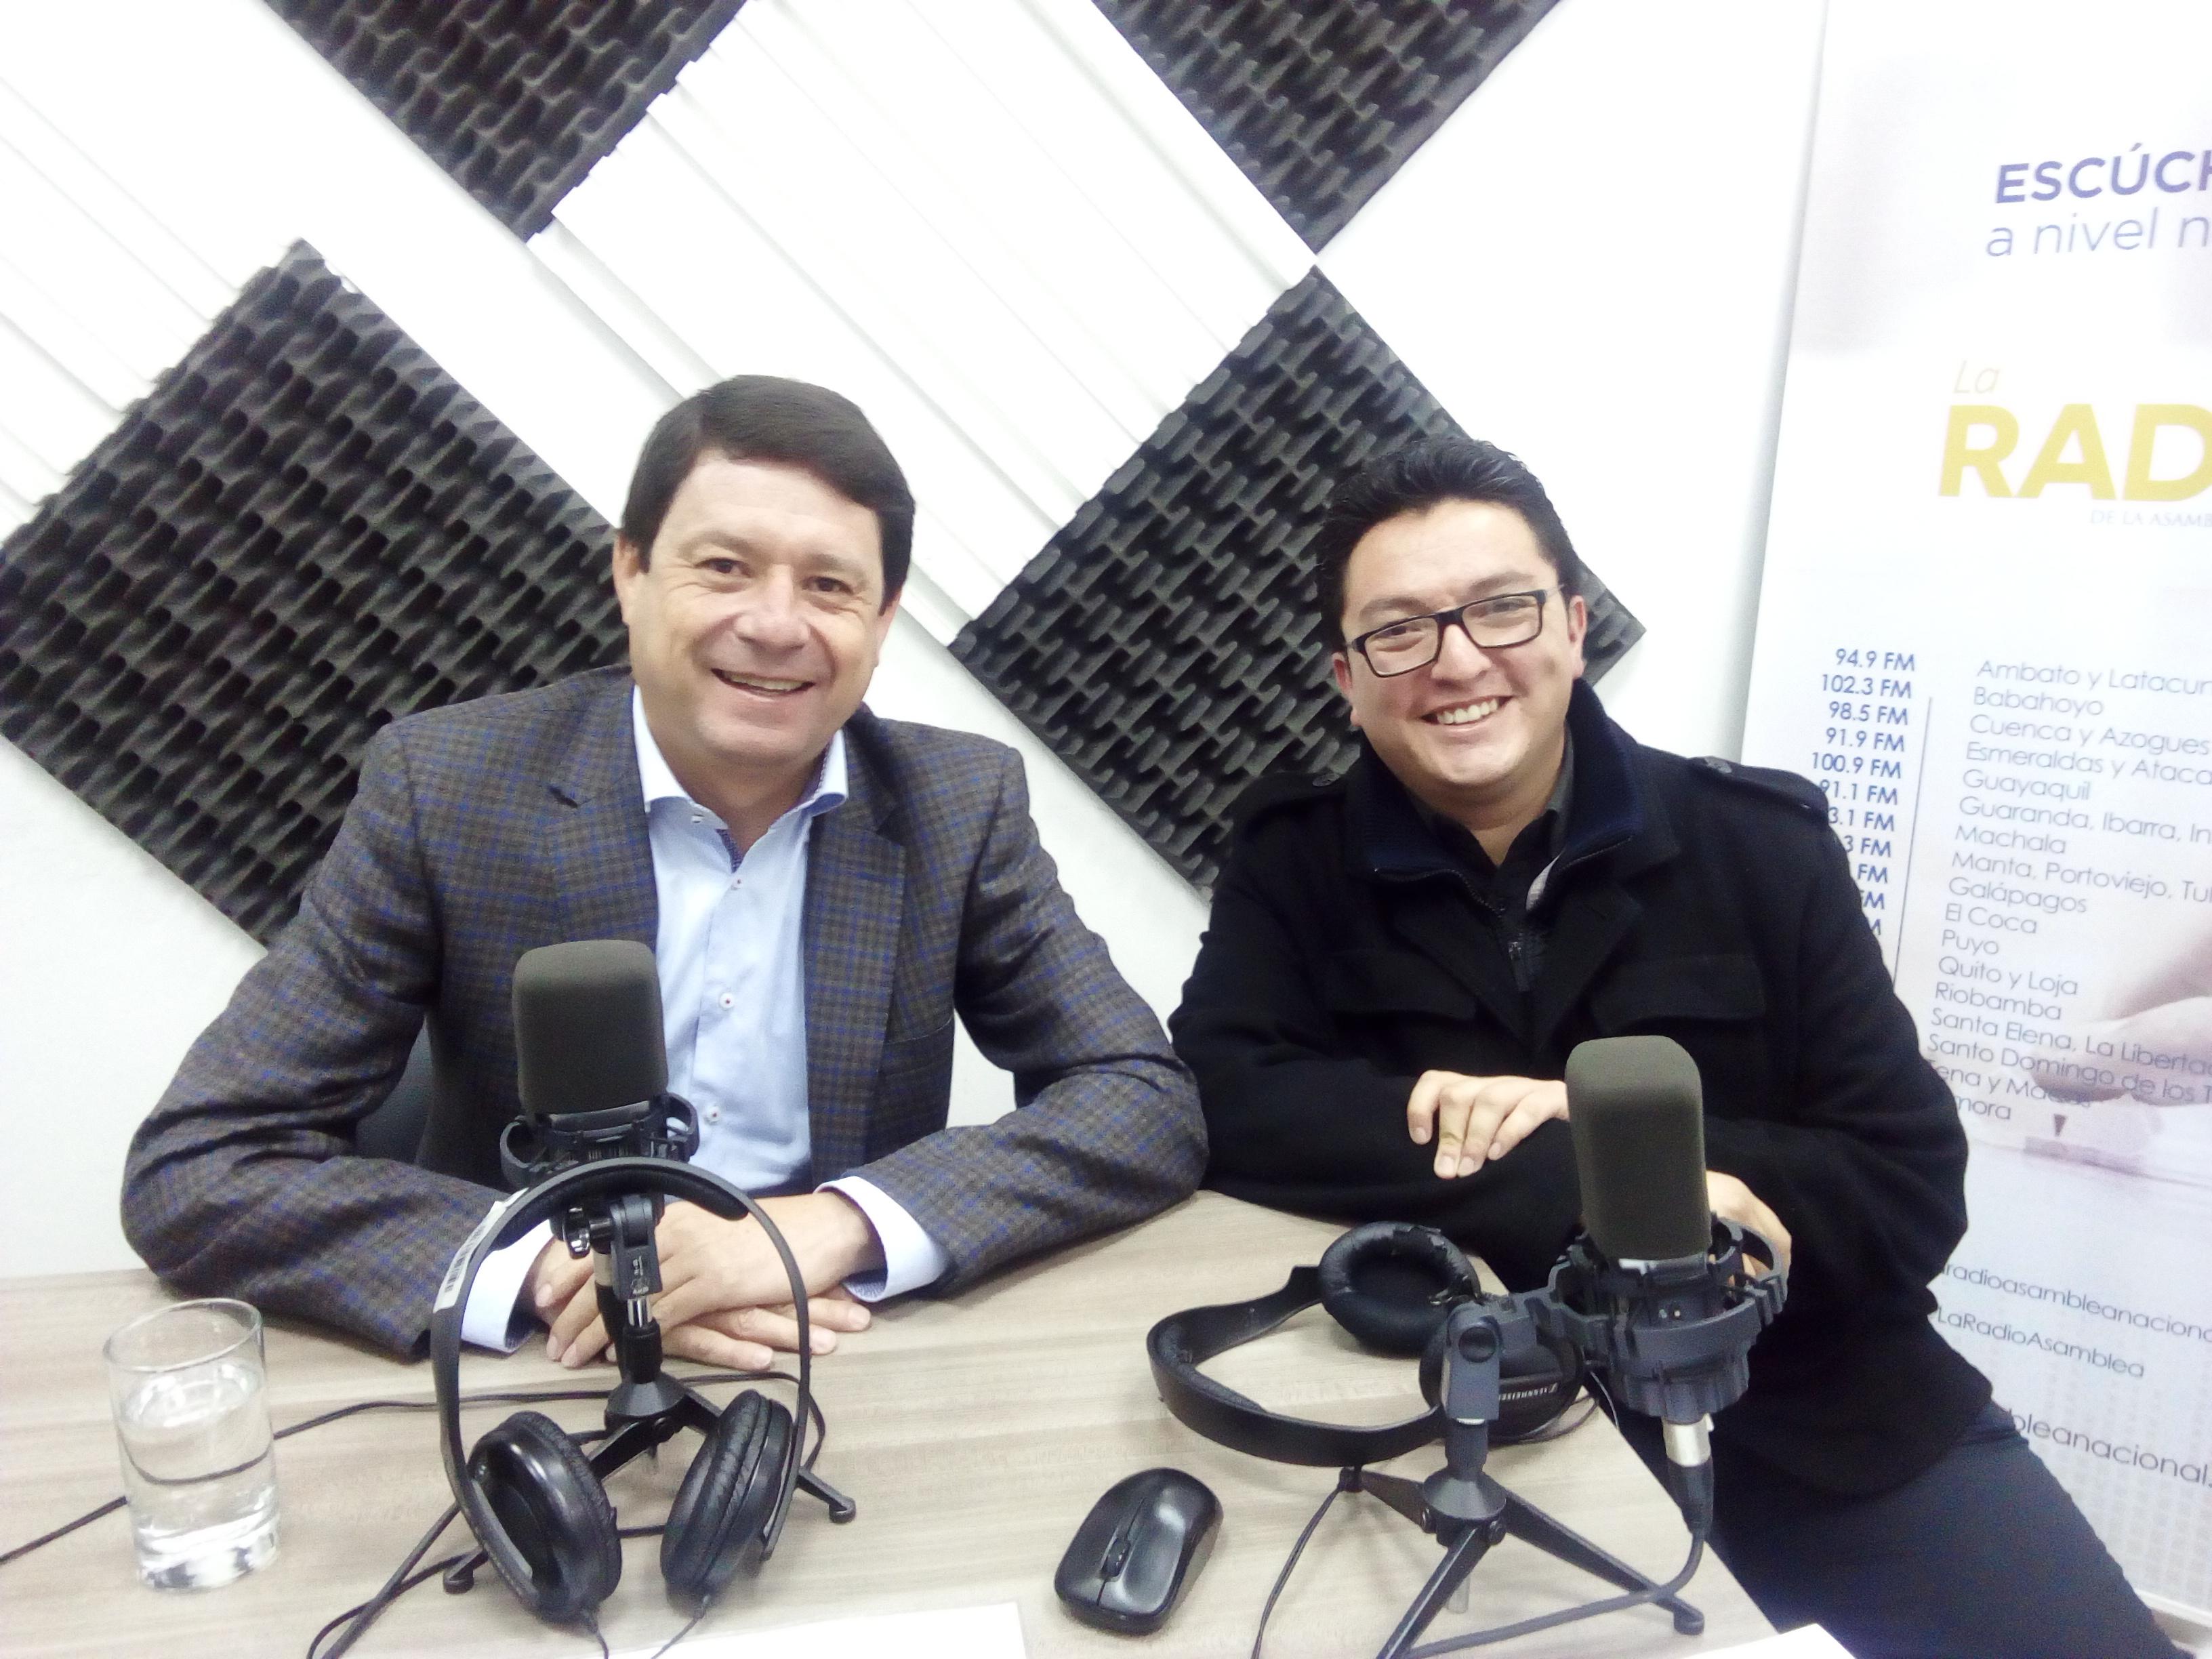 Esteban Albornoz: Una vida llena de electricidad